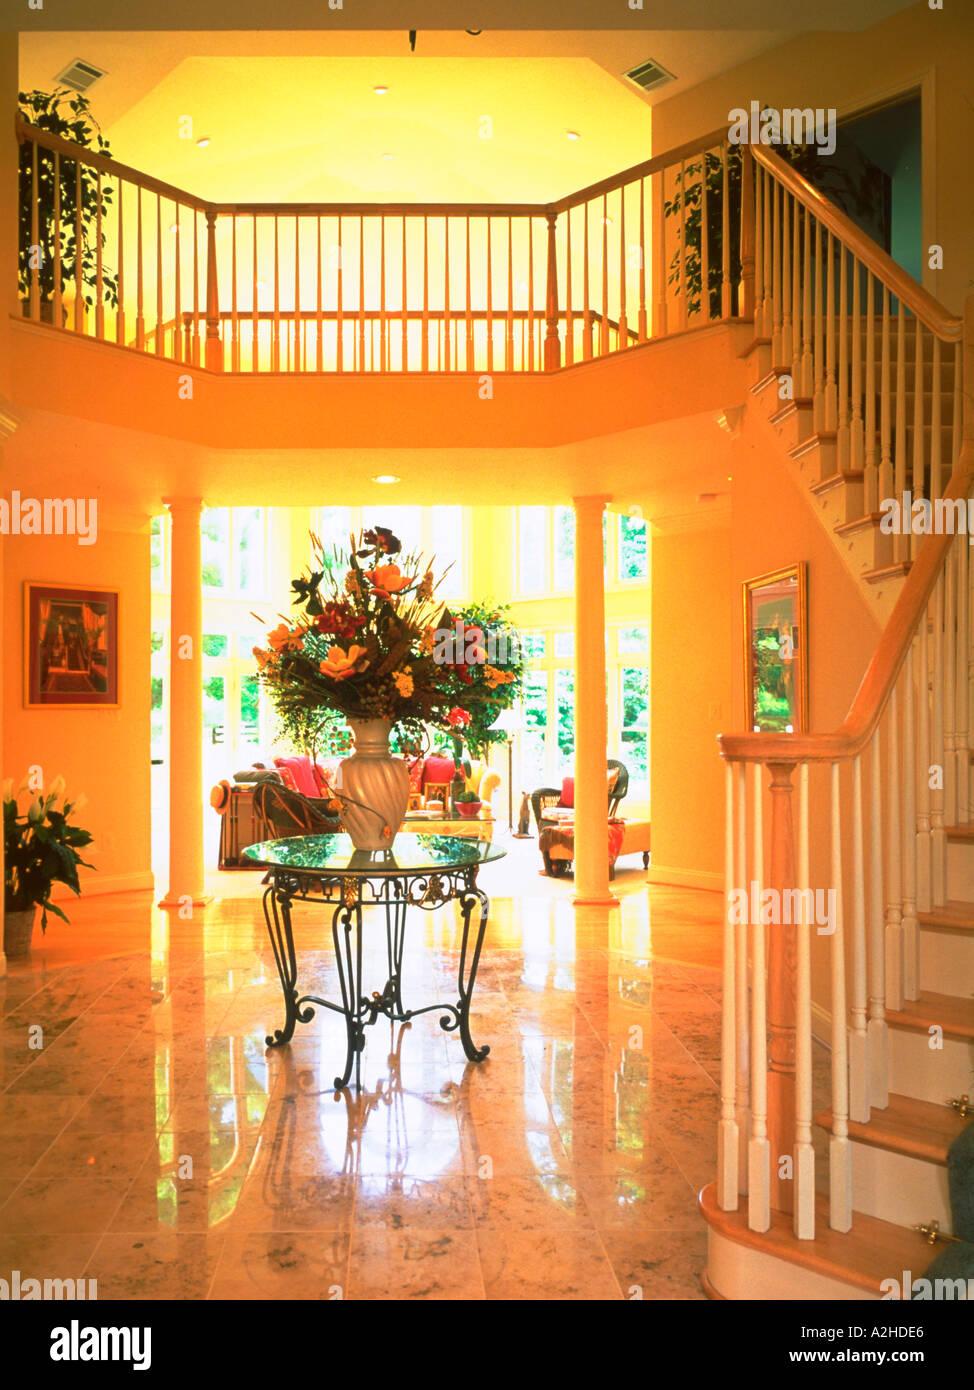 Exceptional Große Vase Mit Blumen Schmückt Tabelle In Elegante Eingangshalle Mit Treppe  Stockbild